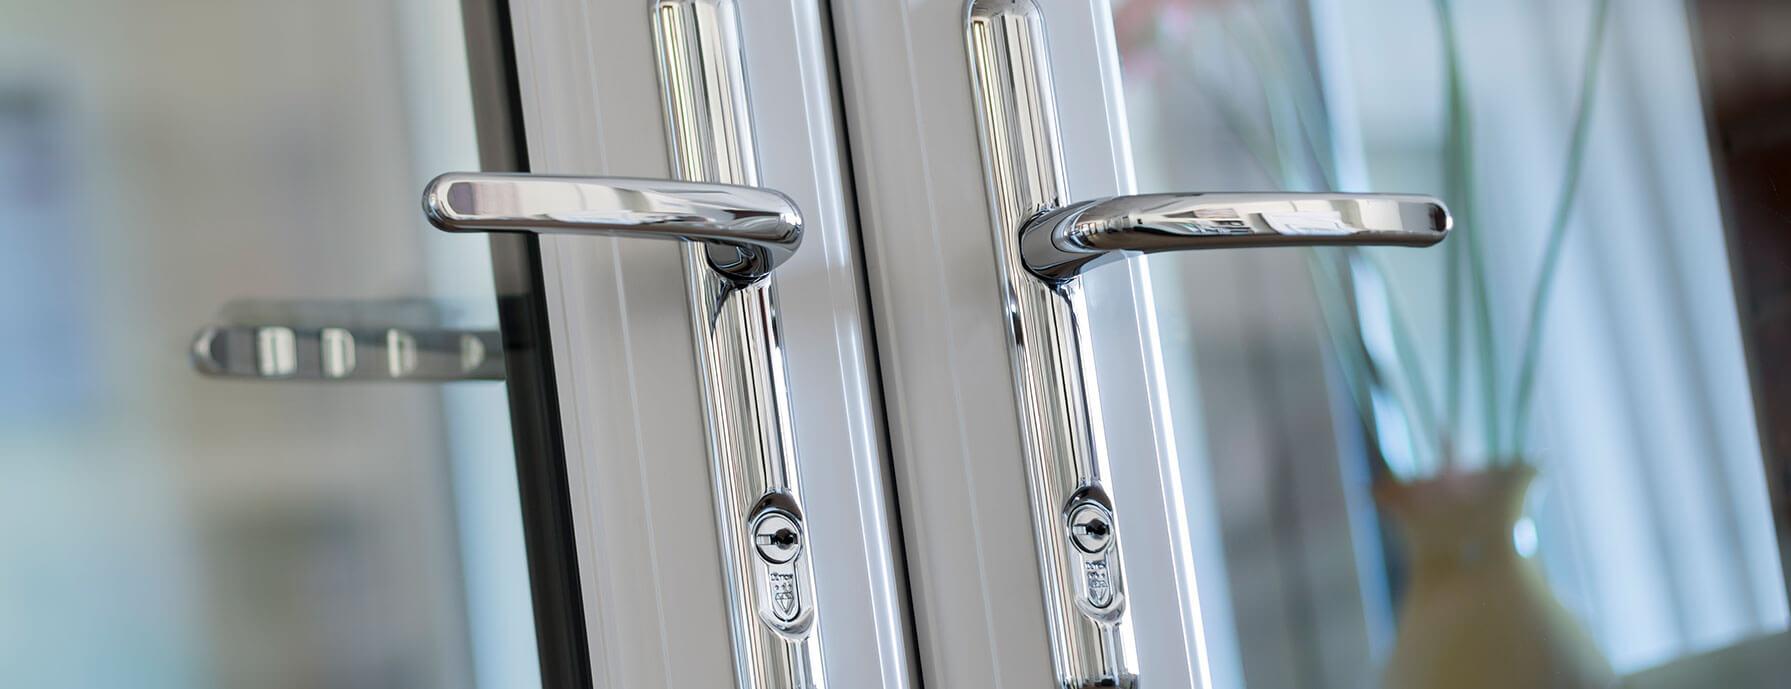 Composite Doors handle lock peterborough